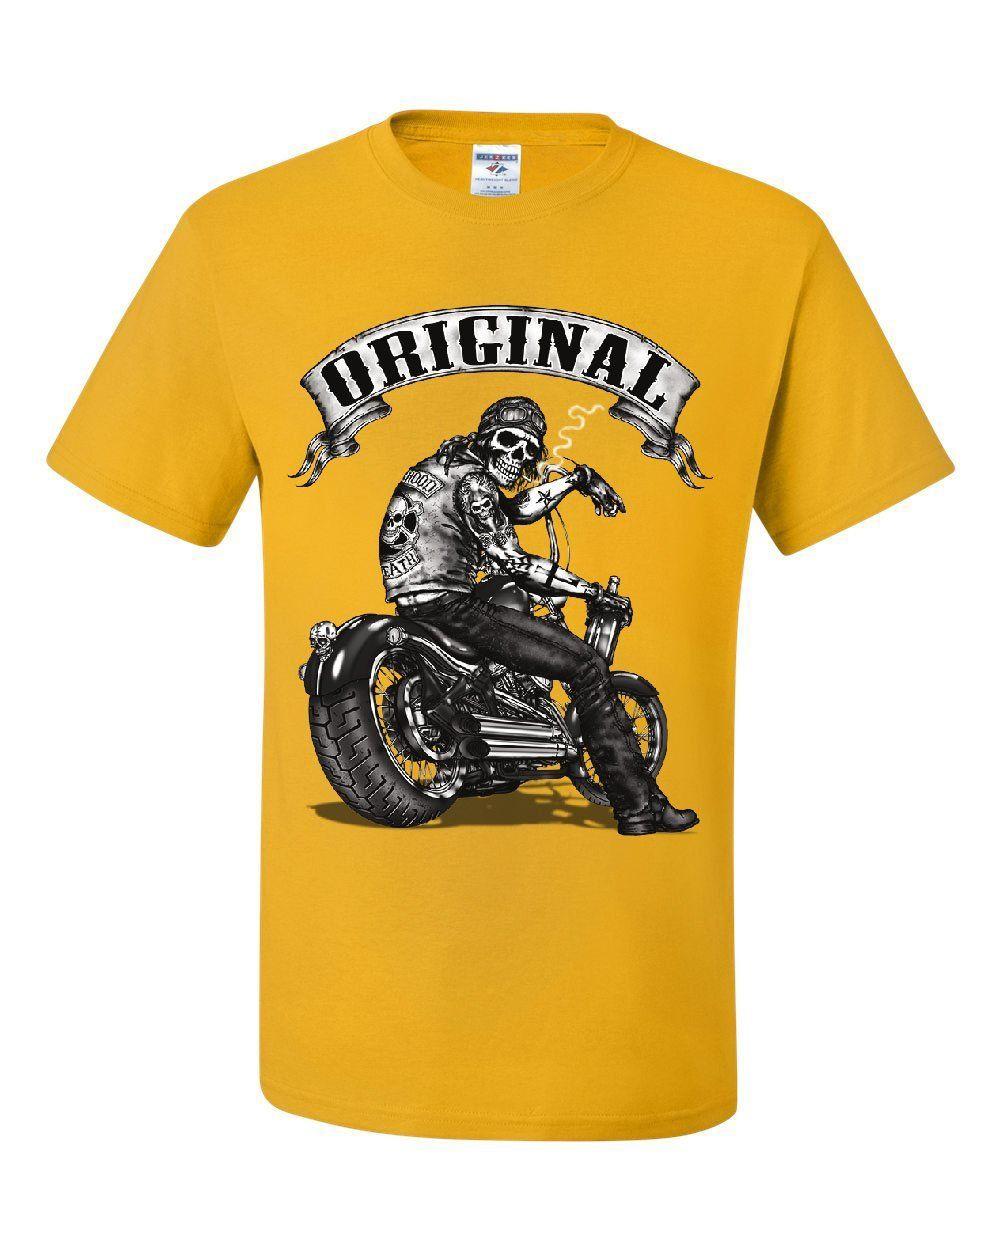 Original Biker Skull Sweatshirt Ride or Die Route 66 Motorcycle MC Sweater